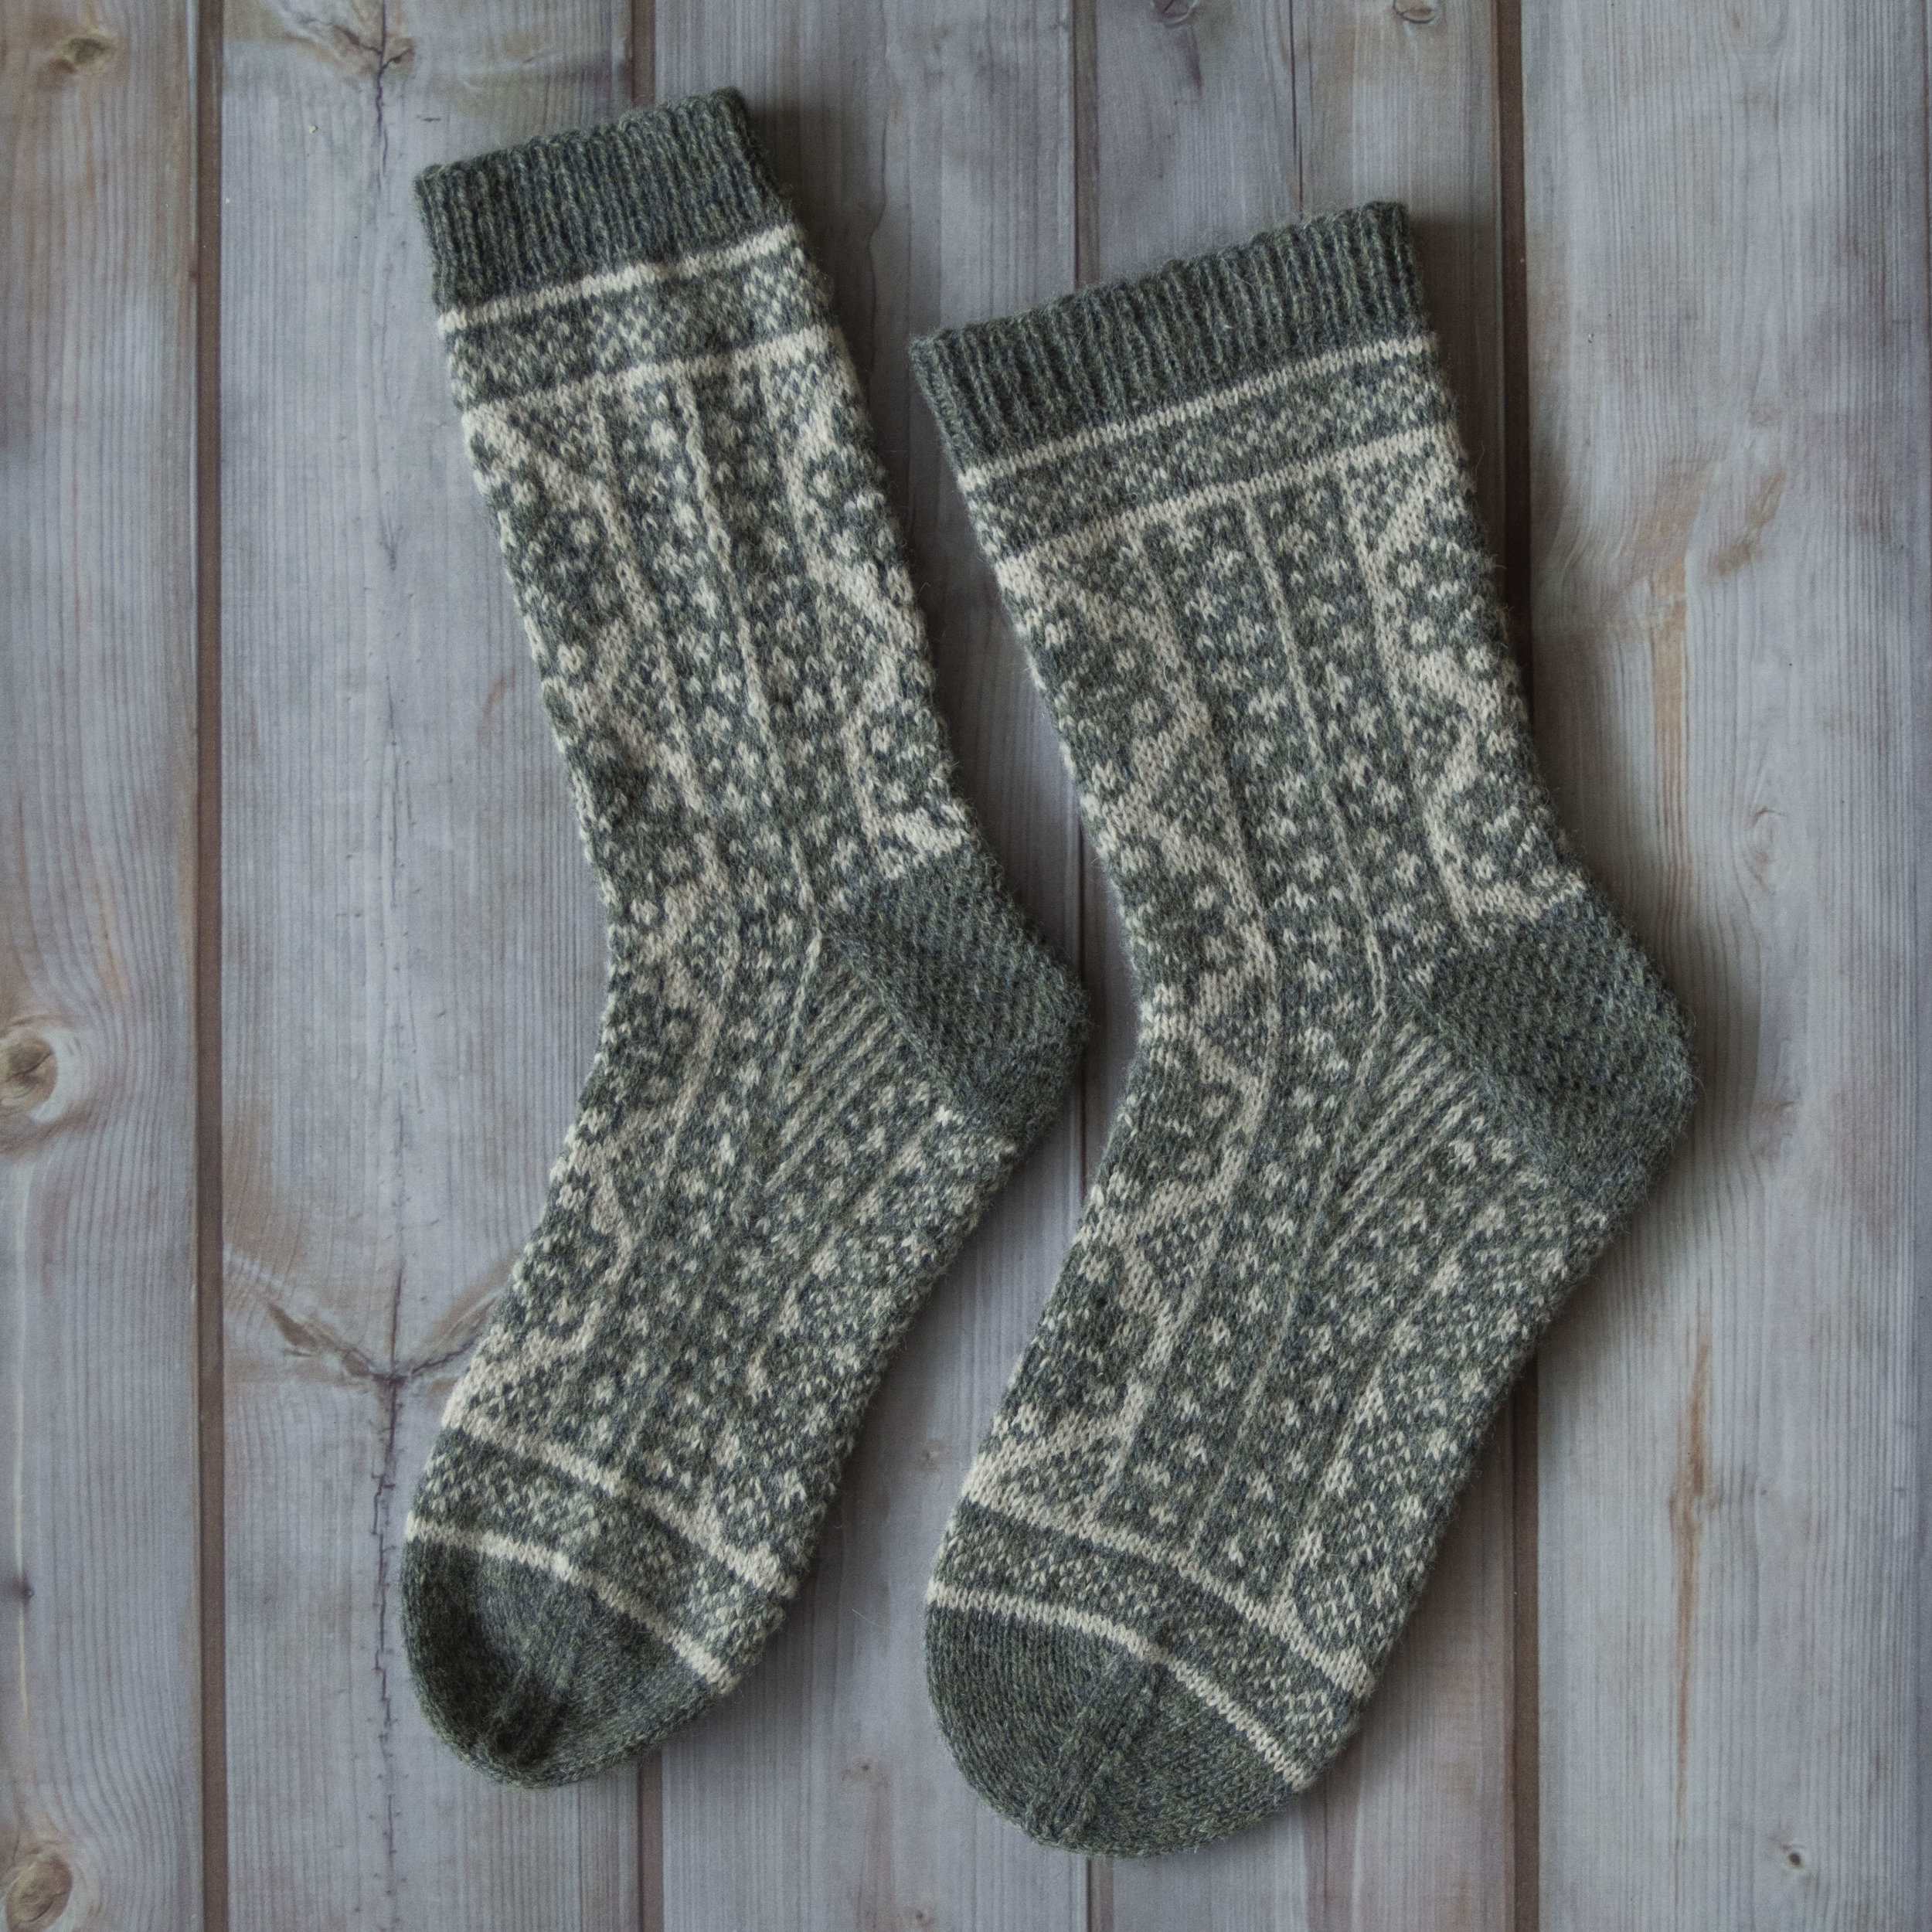 Begge sokkene er skylt opp og tørket, til venstre flatt og til høyre på  sokkeblokker.   Ned til hælen er de strikket samtidig på magic loop så sidene var identiske før oppskyll.